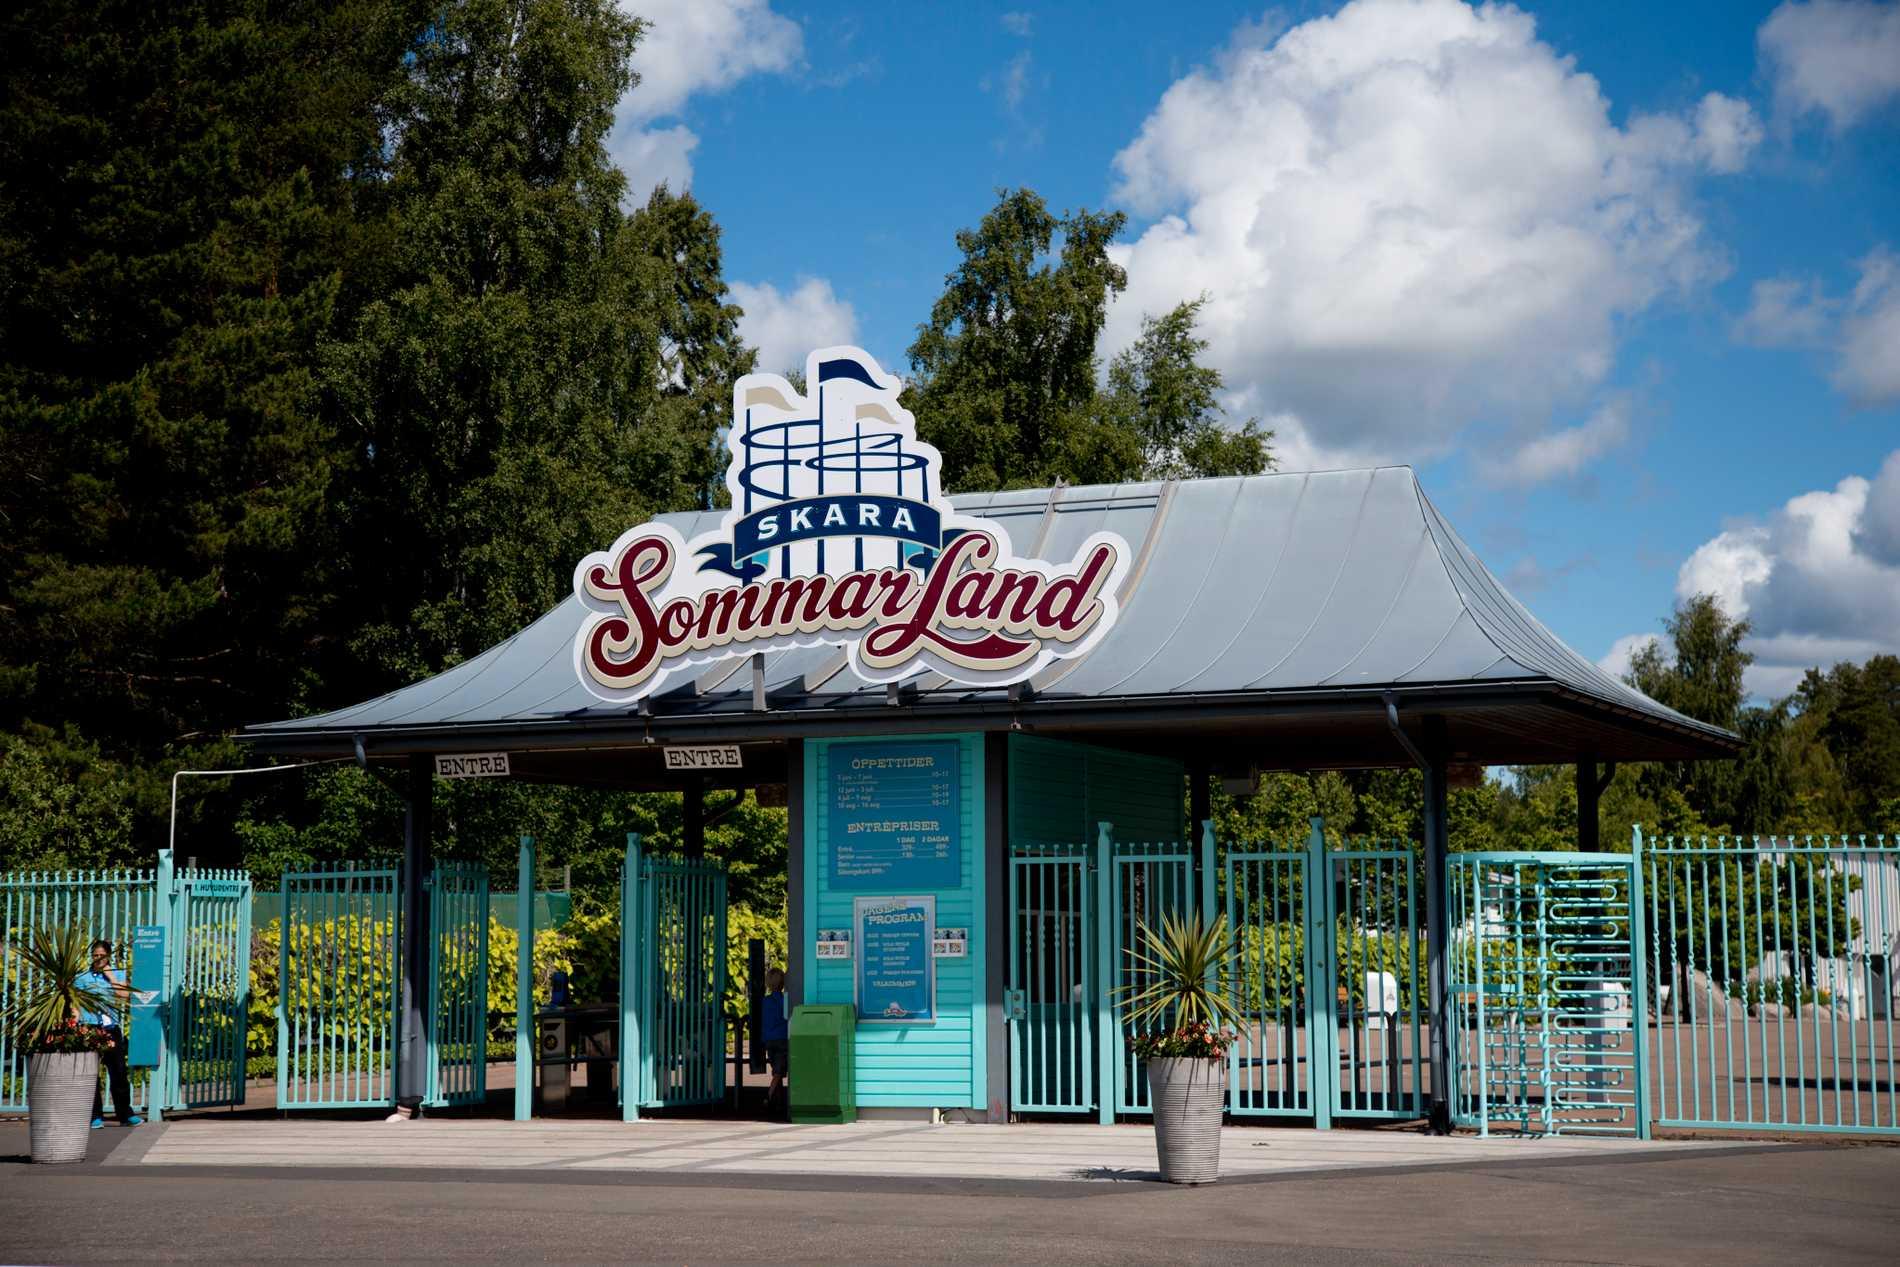 Skara Sommarland tvingas ha stängt.